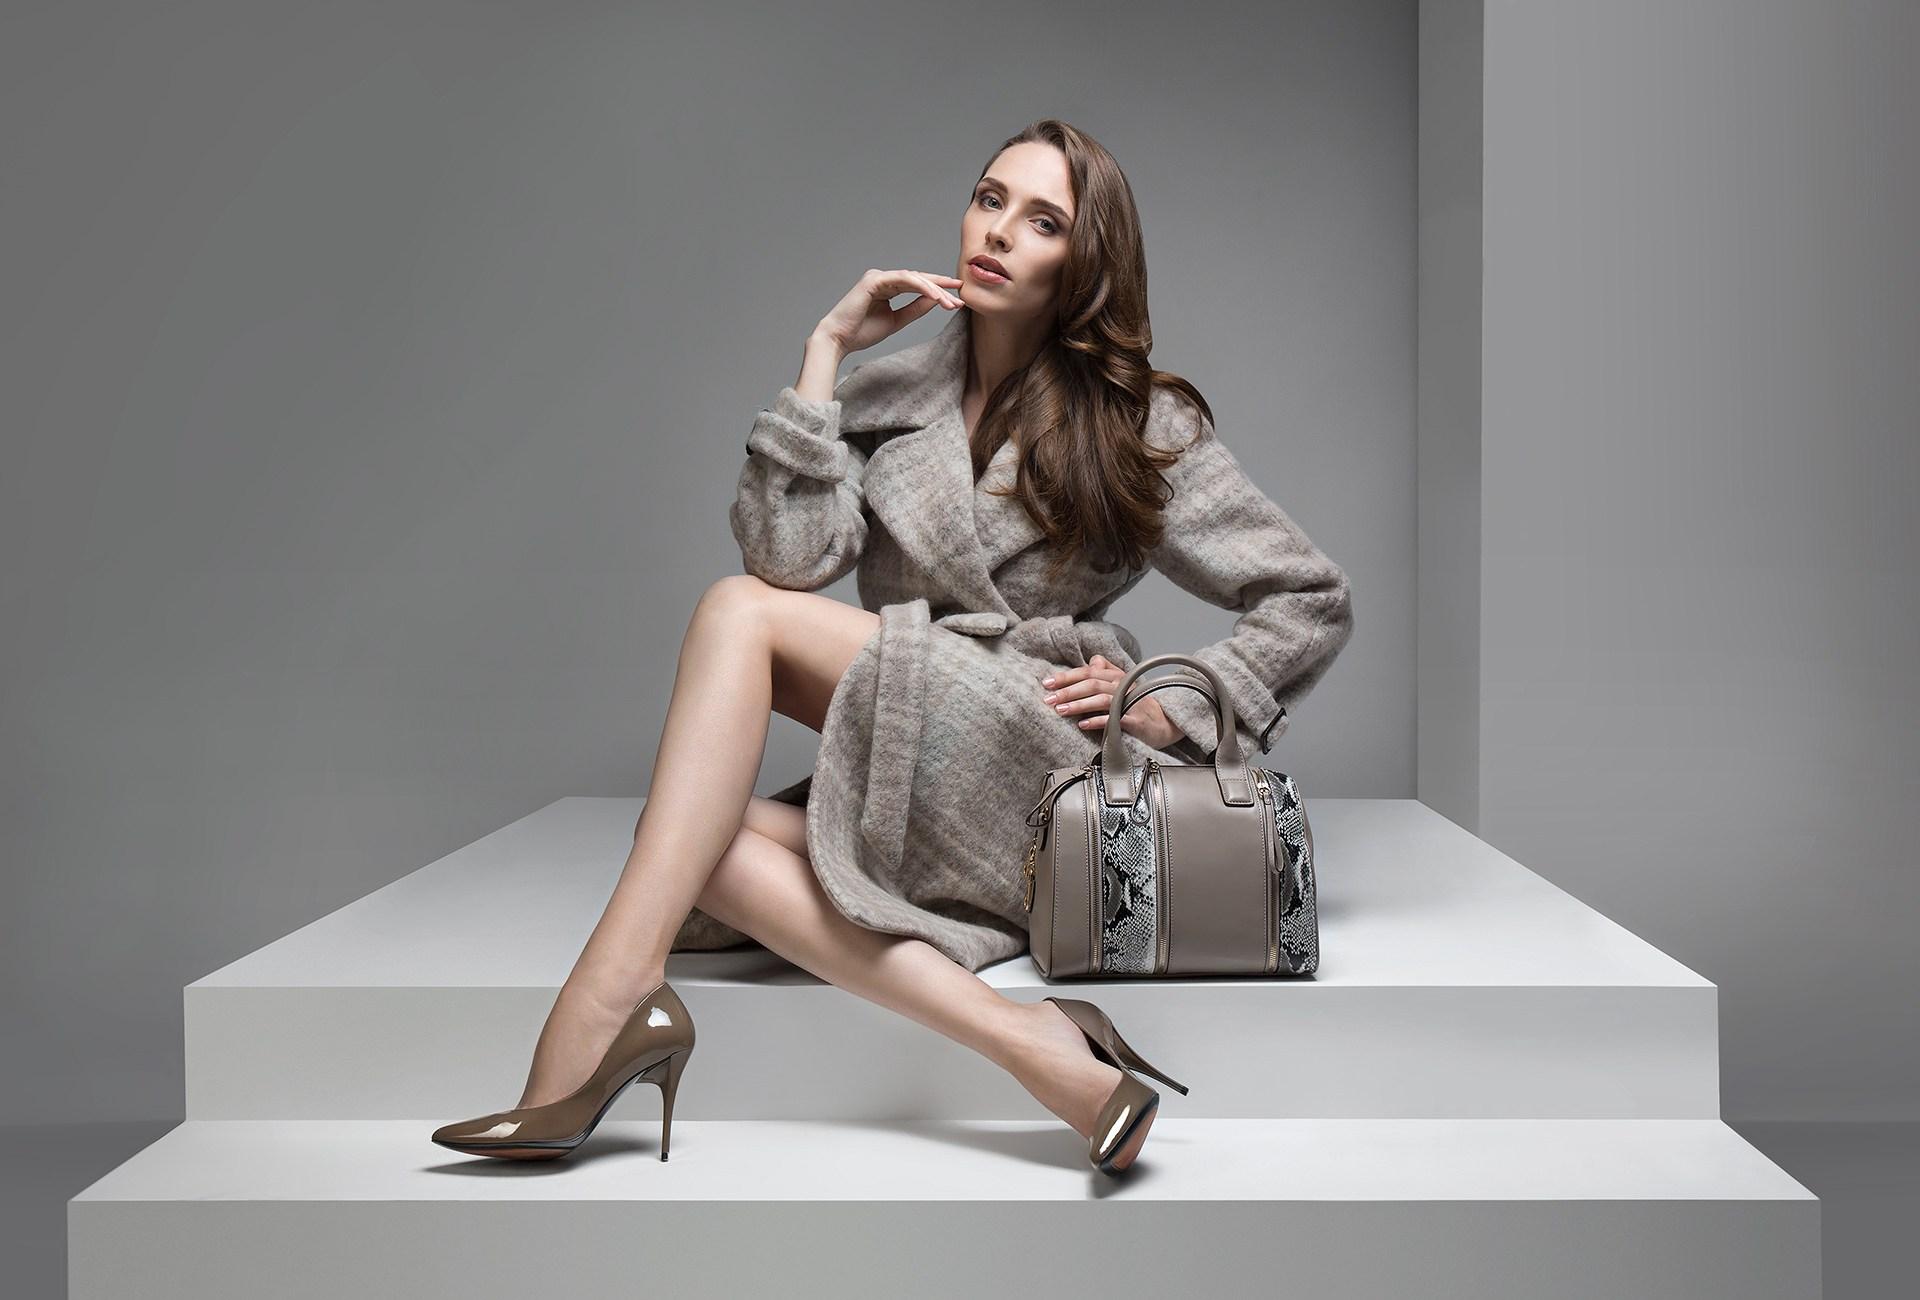 удалится только работа фотомоделью для рекламы одежды в москве аксессуара заслуженная артистка